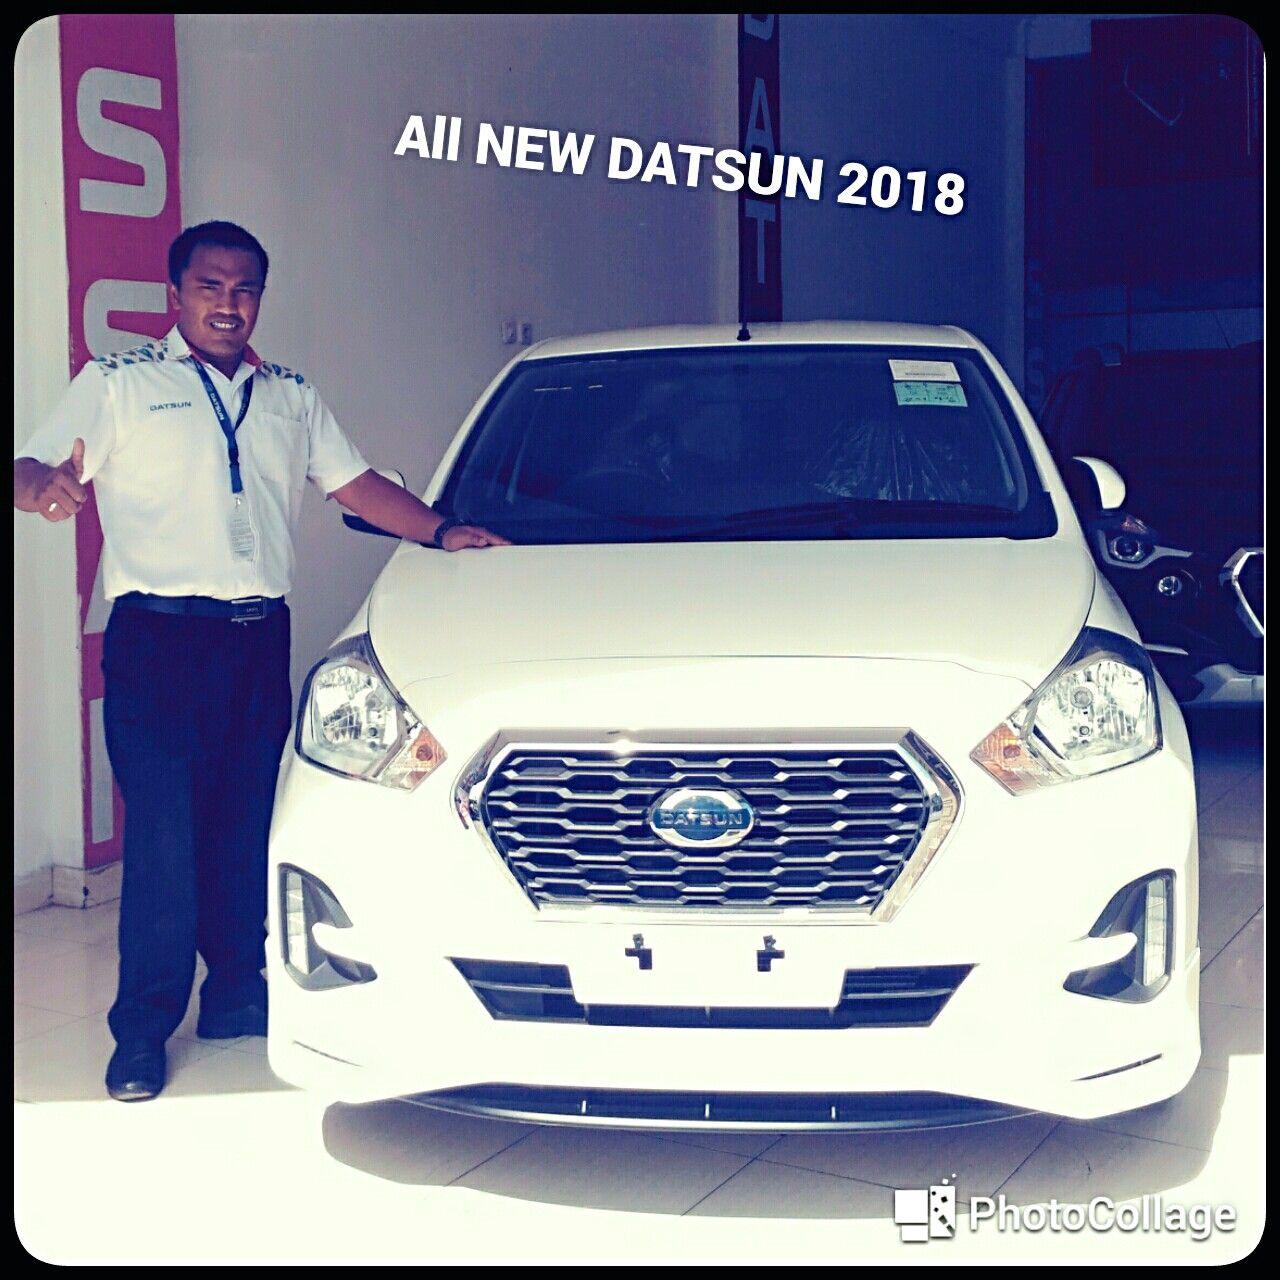 Hubungi Sales Marketing Mobil Dealer Datsun Pariaman Untuk Info Harga Terbaru Di Pariaman Meliputi Harga Mobil Datsun Panca Go Dats Mobil Mobil Baru Marketing